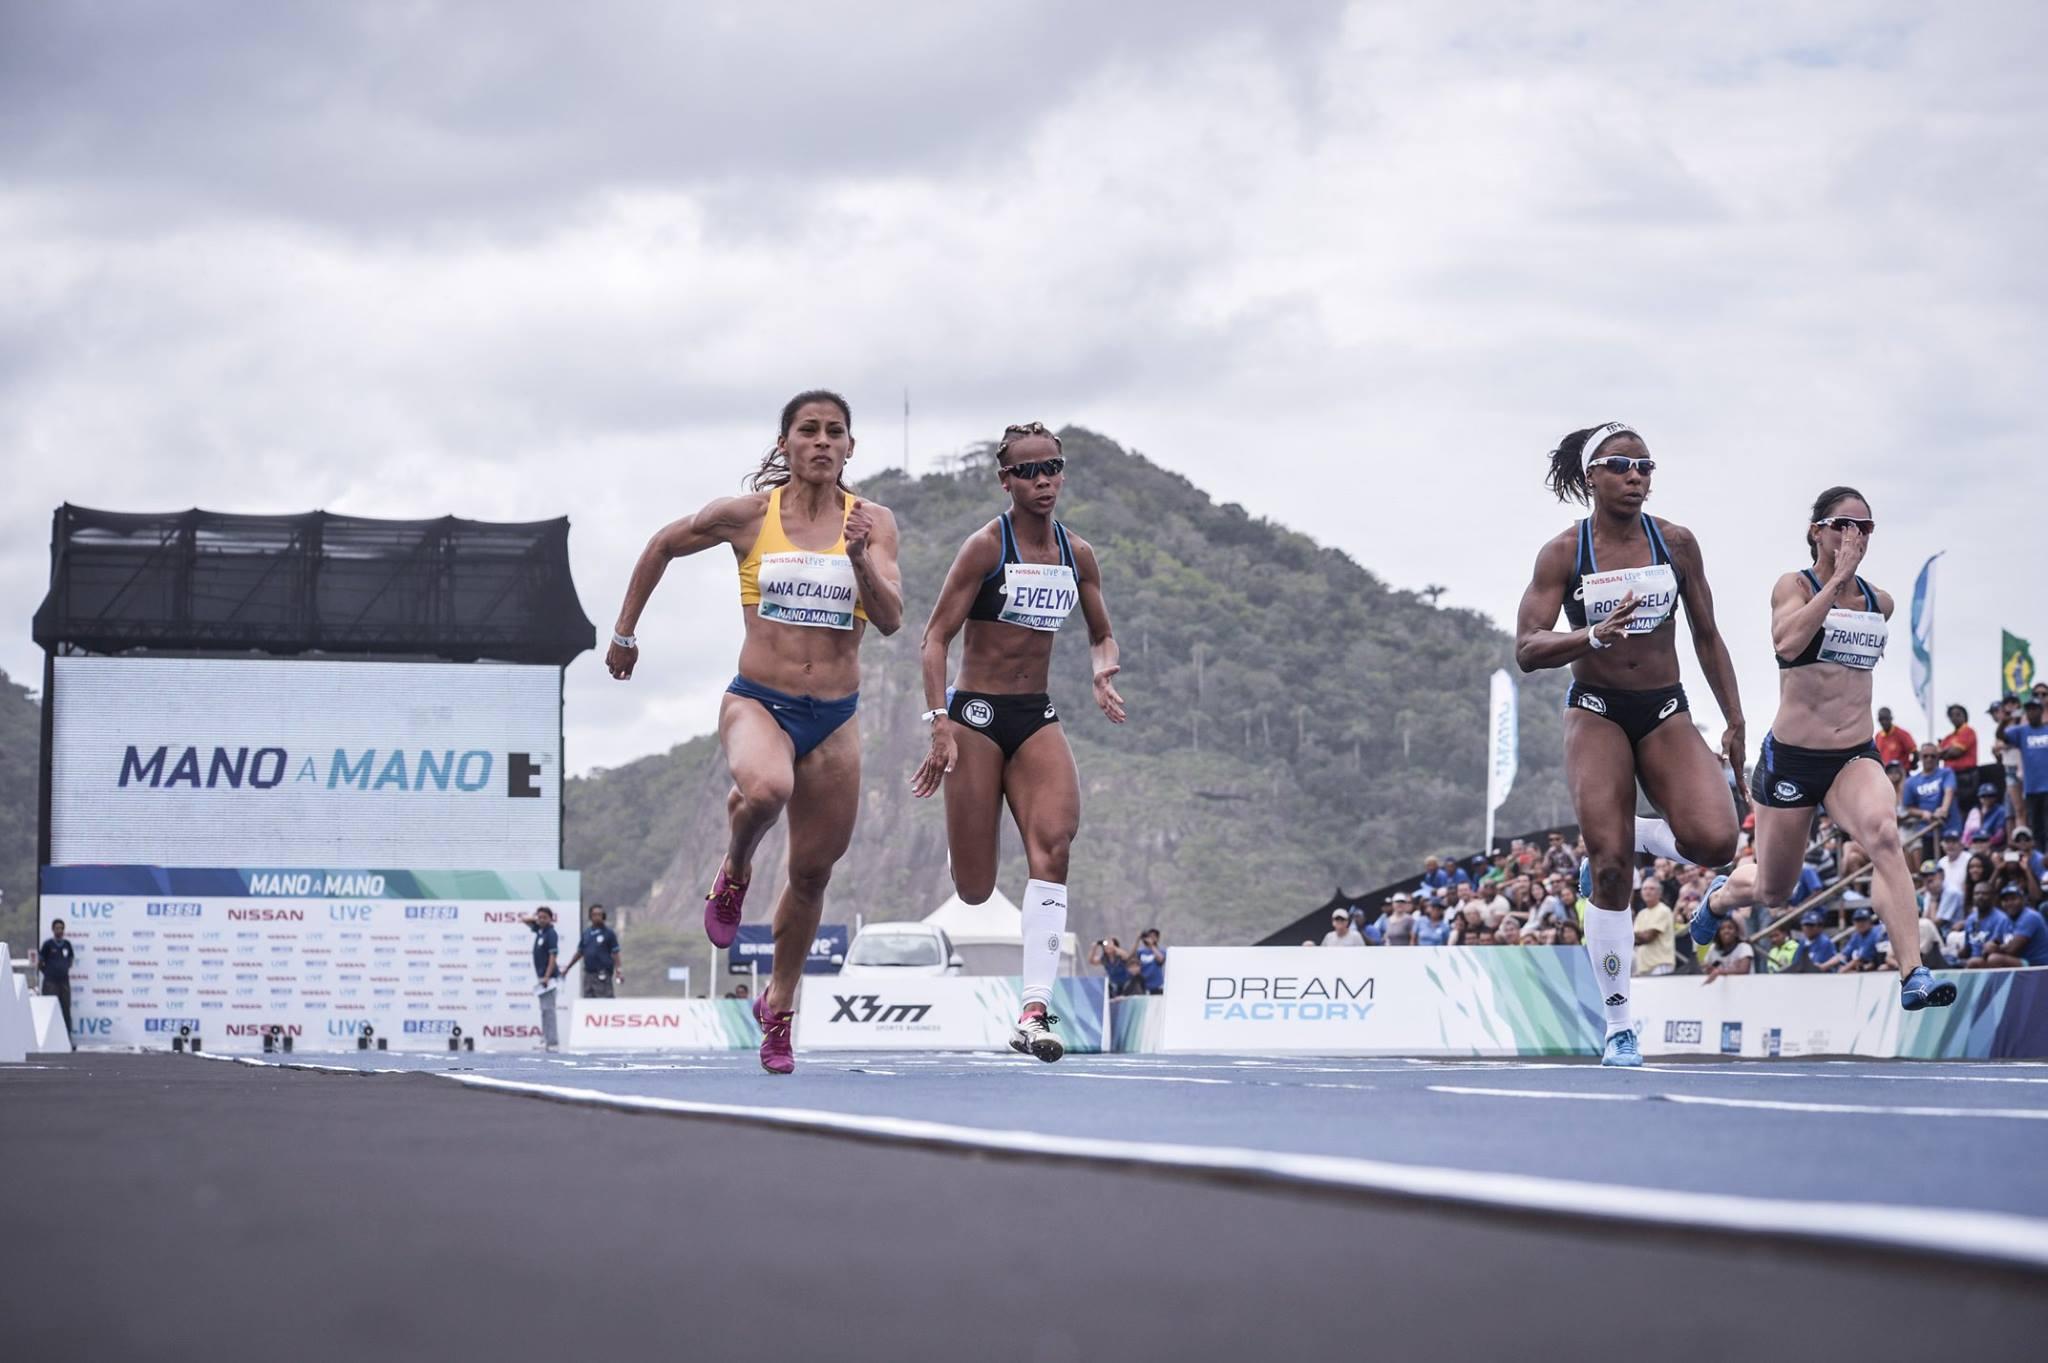 Desafio de atletismo em Copacabana